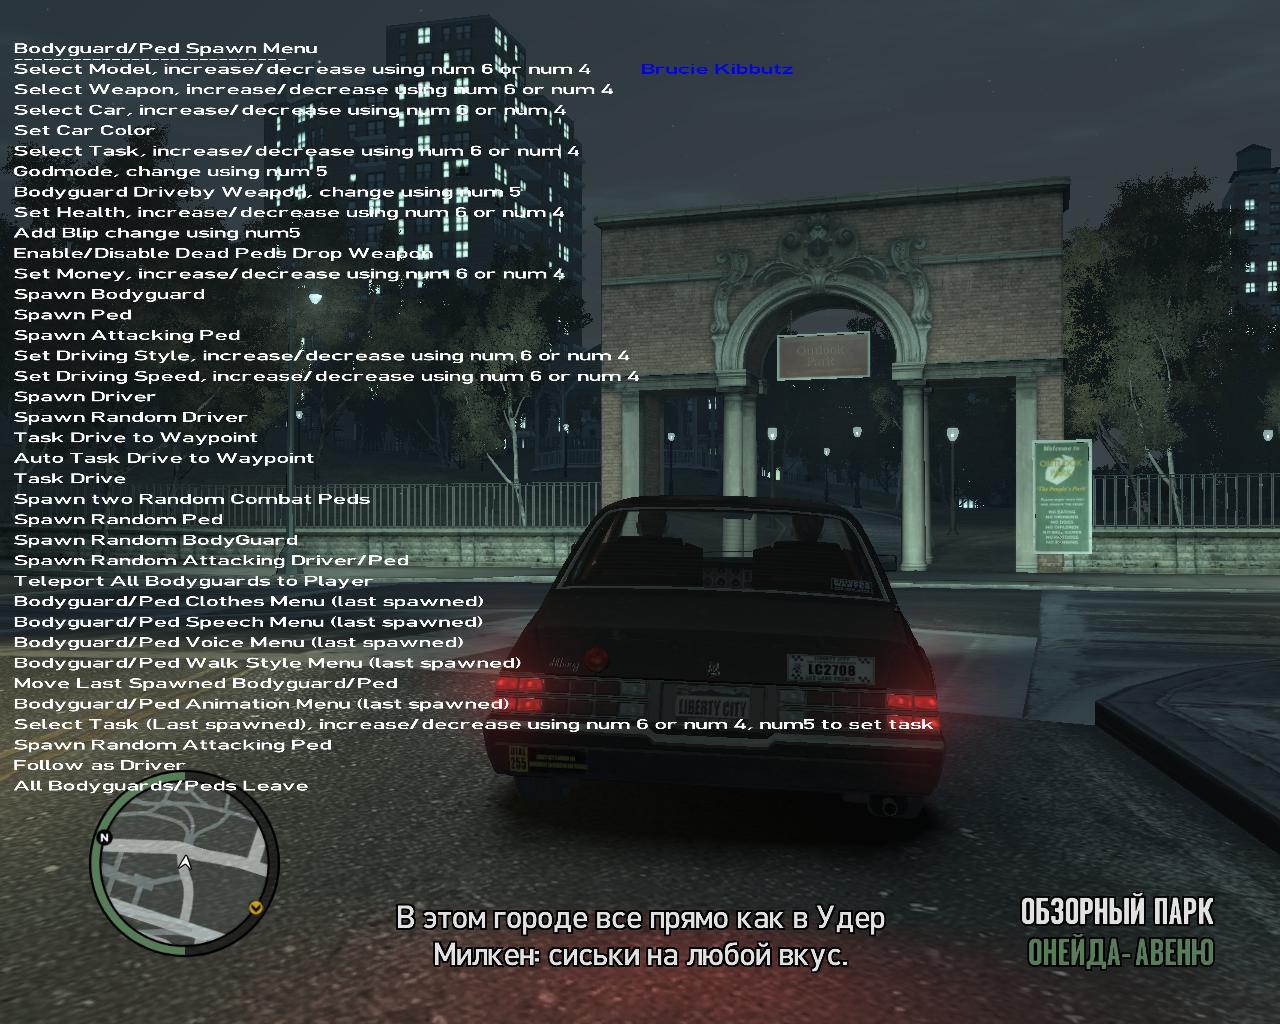 видео инструкция по установке машин гта 4